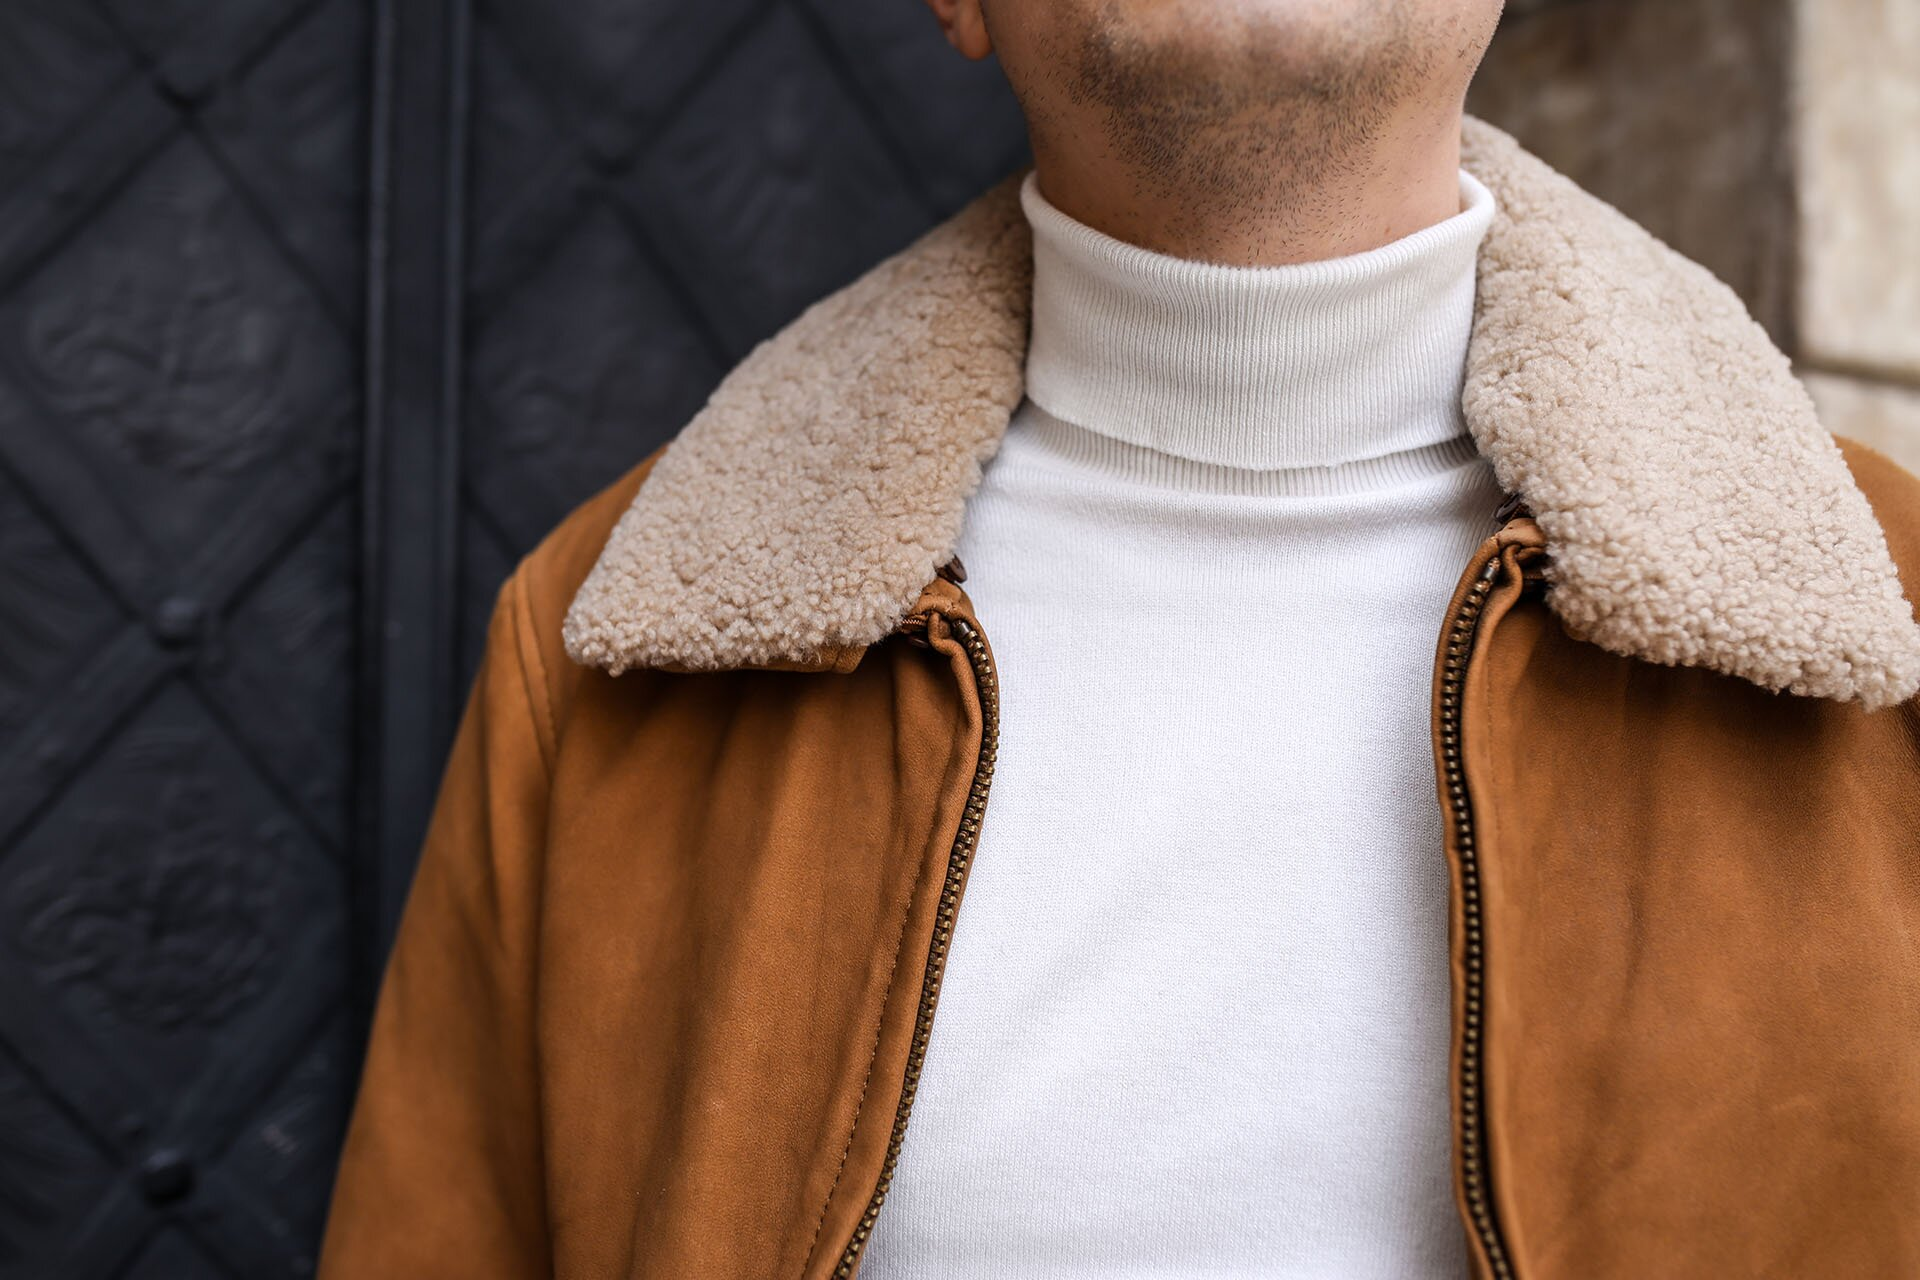 Skórzana kurtka męska, Biały golf, Moda męska, Męska stylizacja